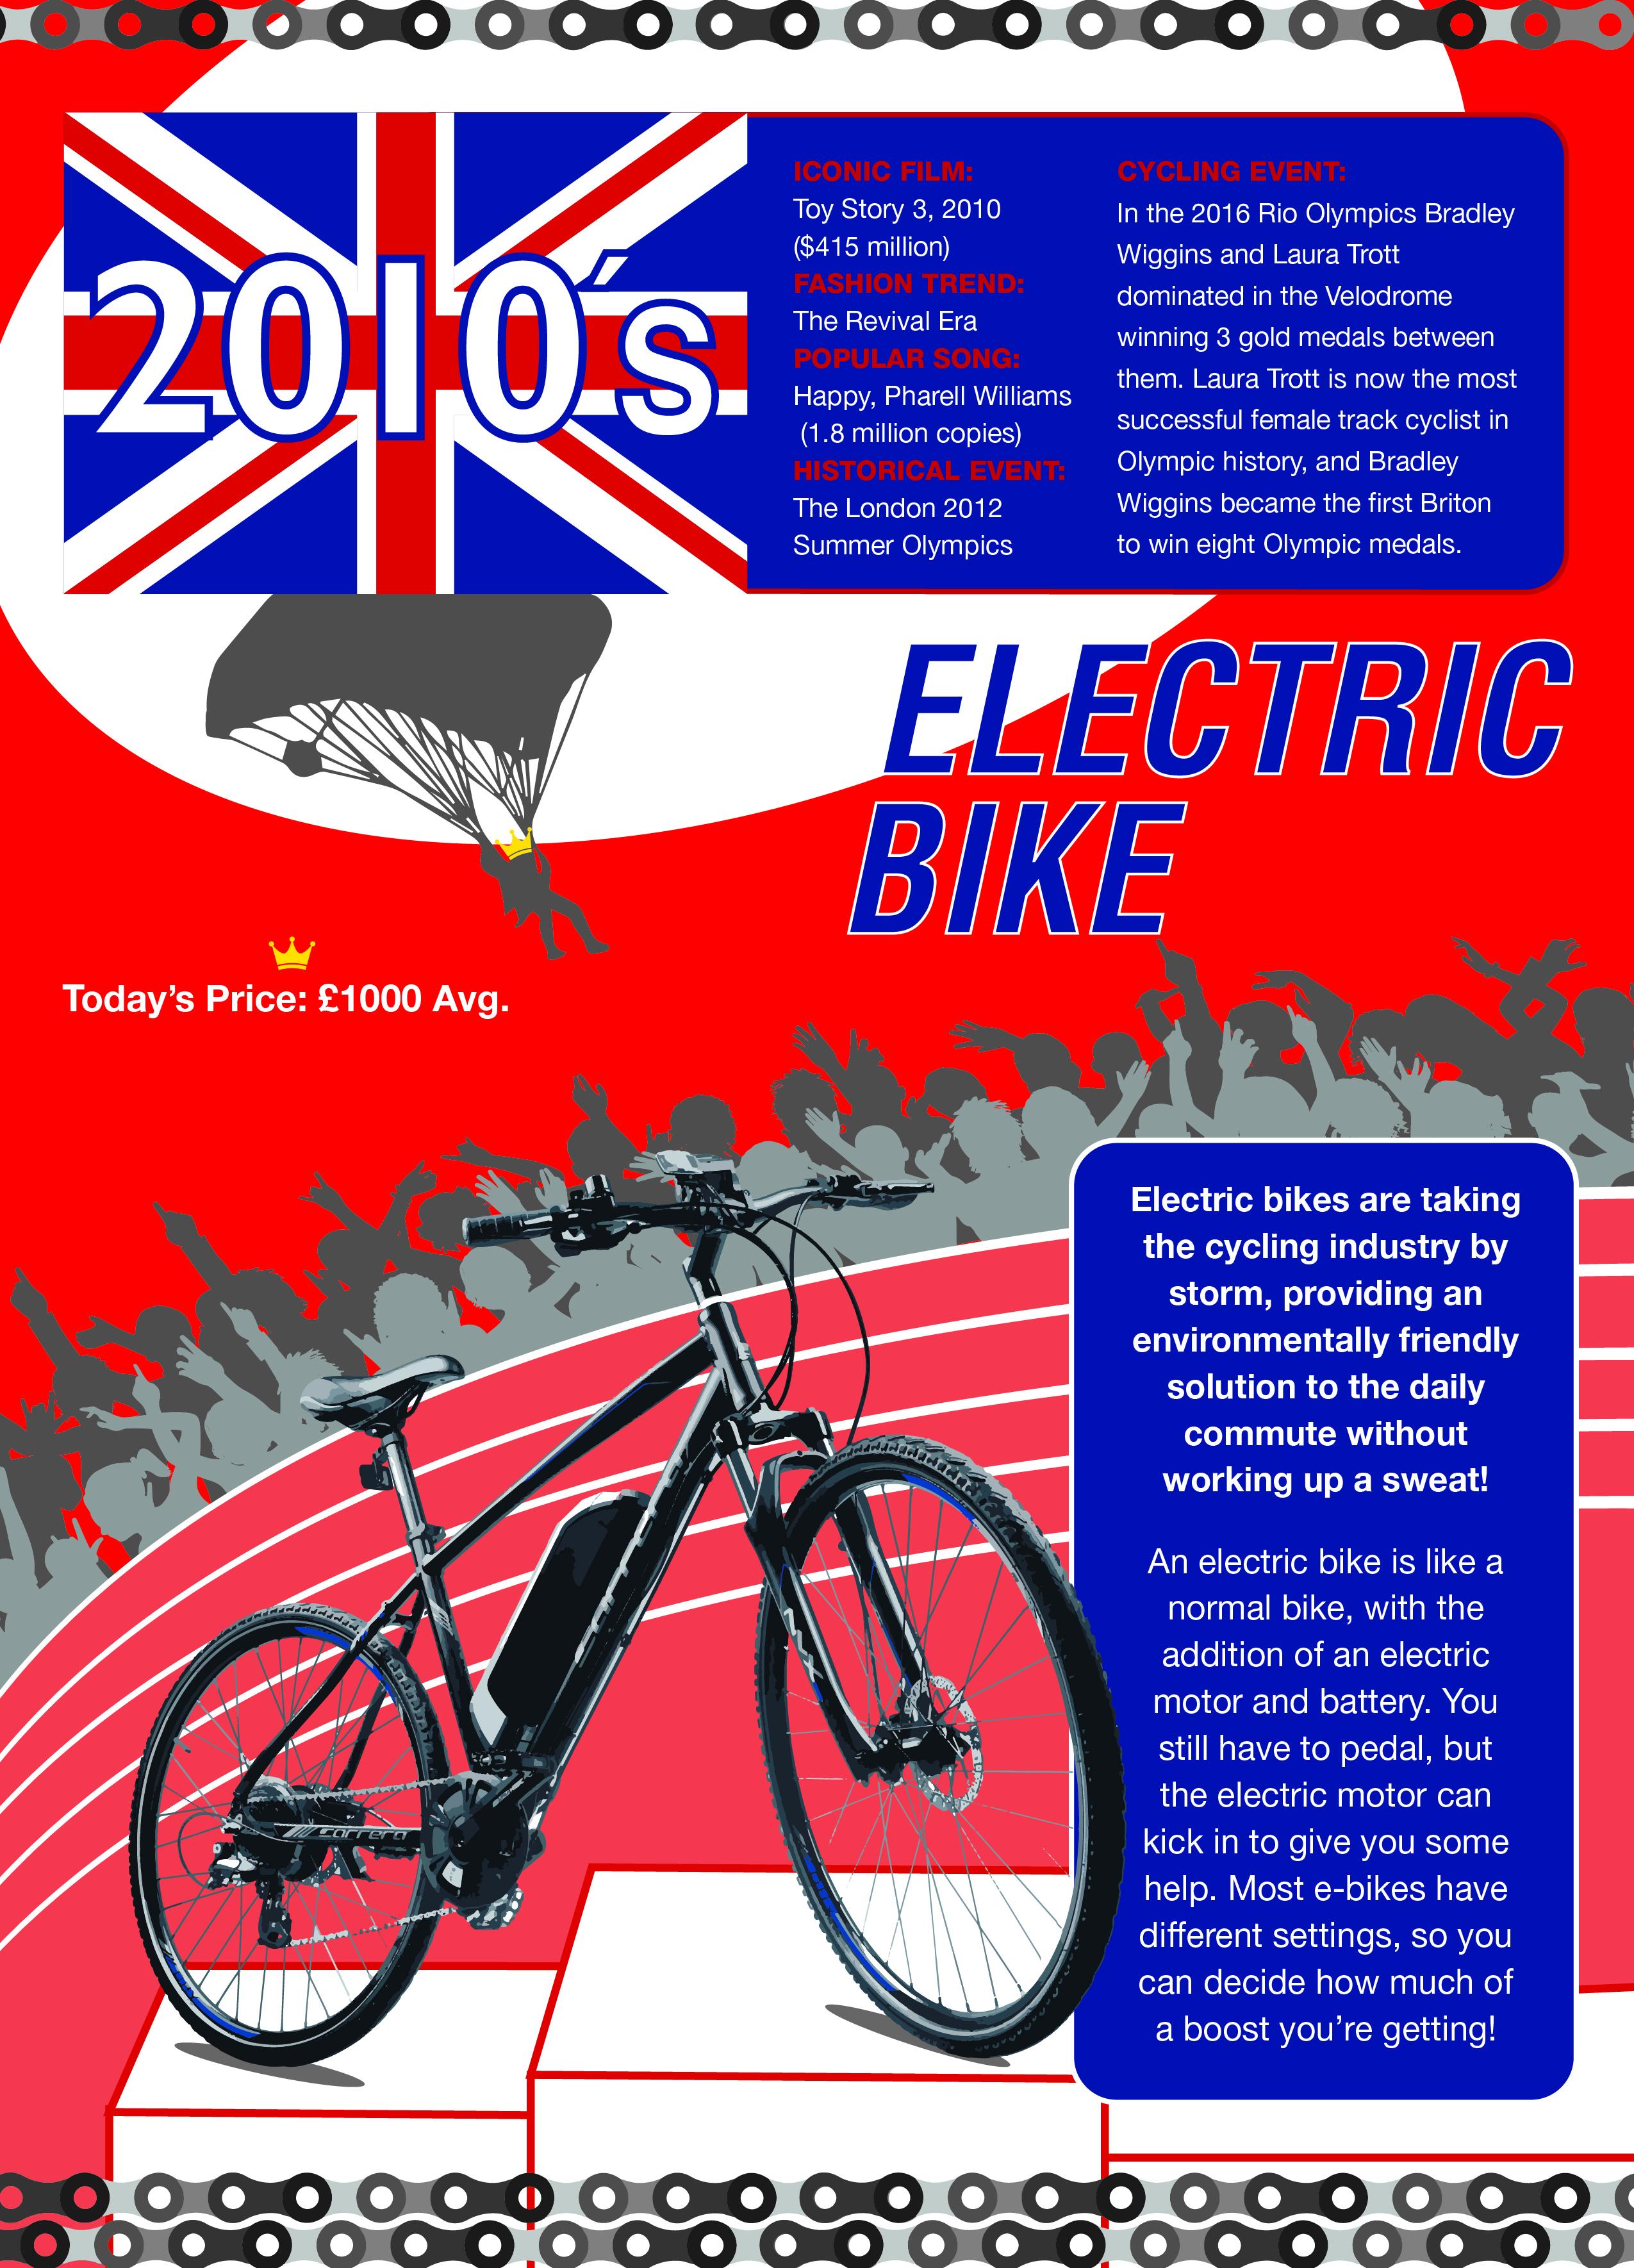 The electric bike 2010